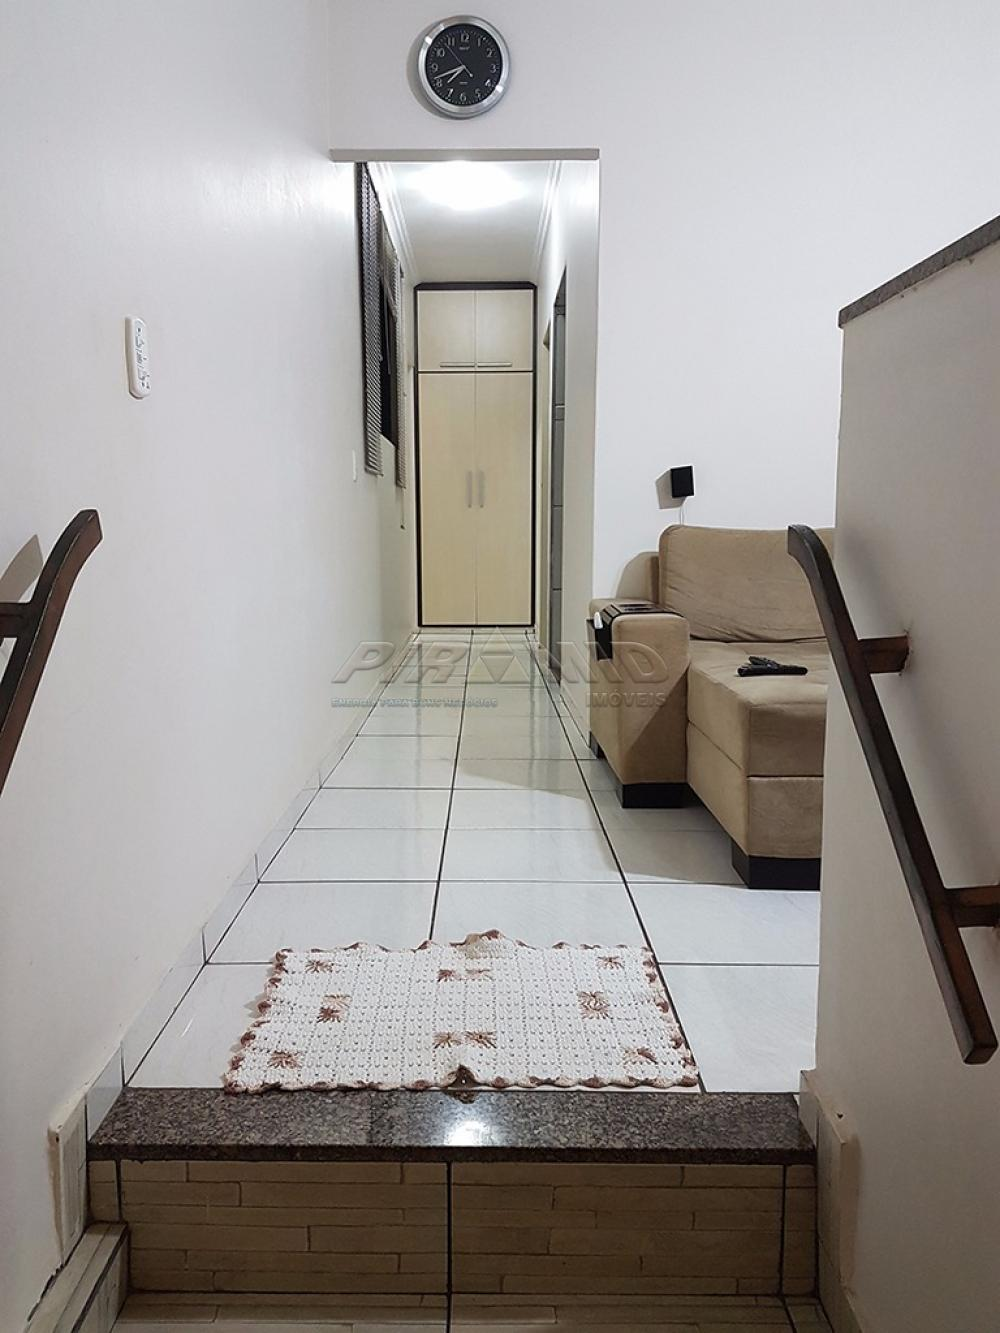 Comprar Casa / Padrão em Ribeirão Preto apenas R$ 350.000,00 - Foto 19